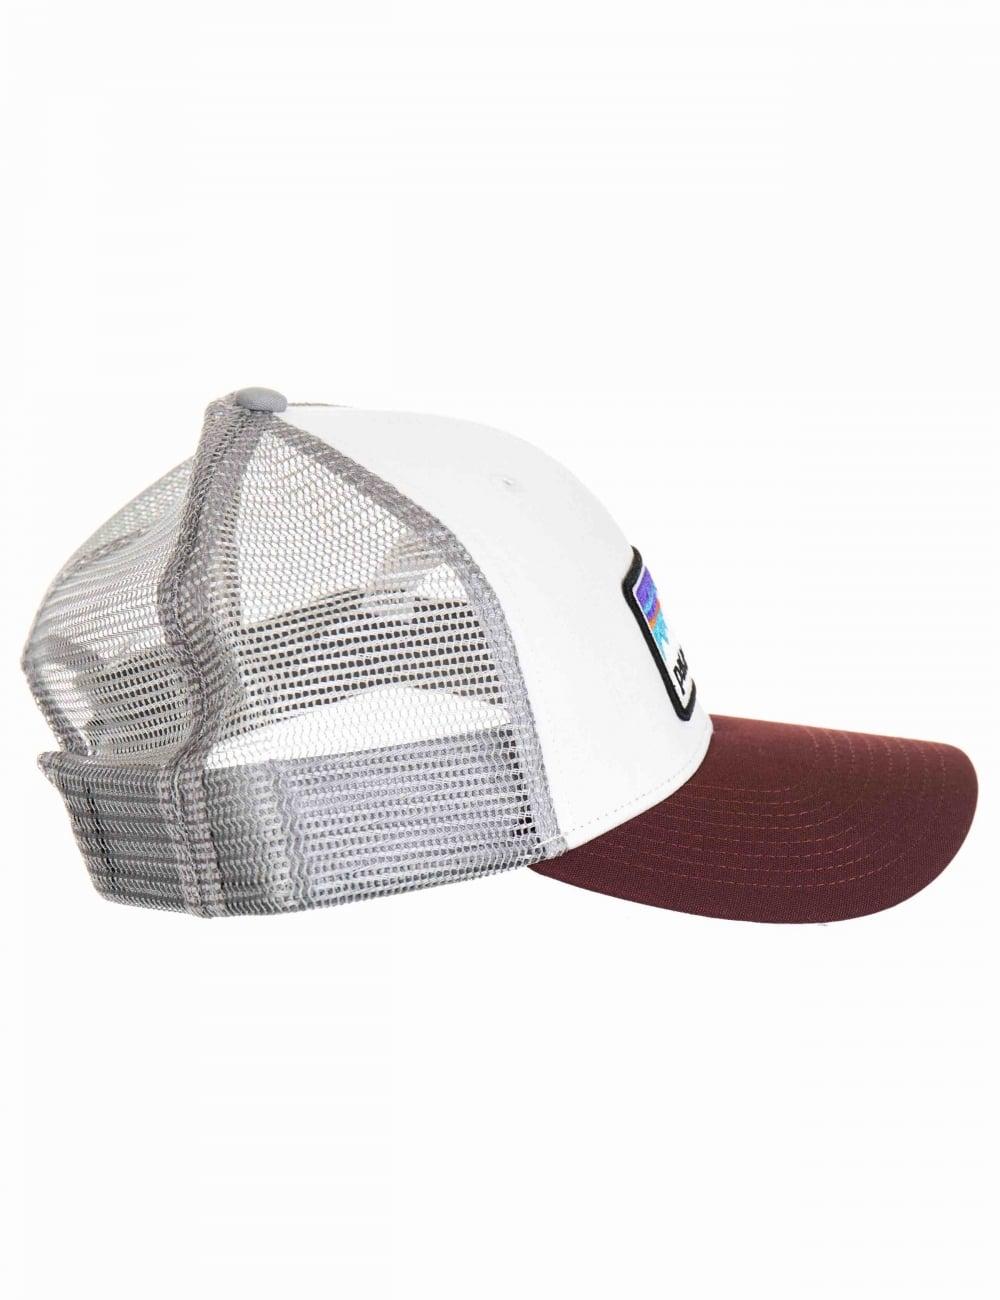 c7de5d6dd21d0d Patagonia Shop Sticker Patch LoPro Trucker Hat - White - Accessories ...